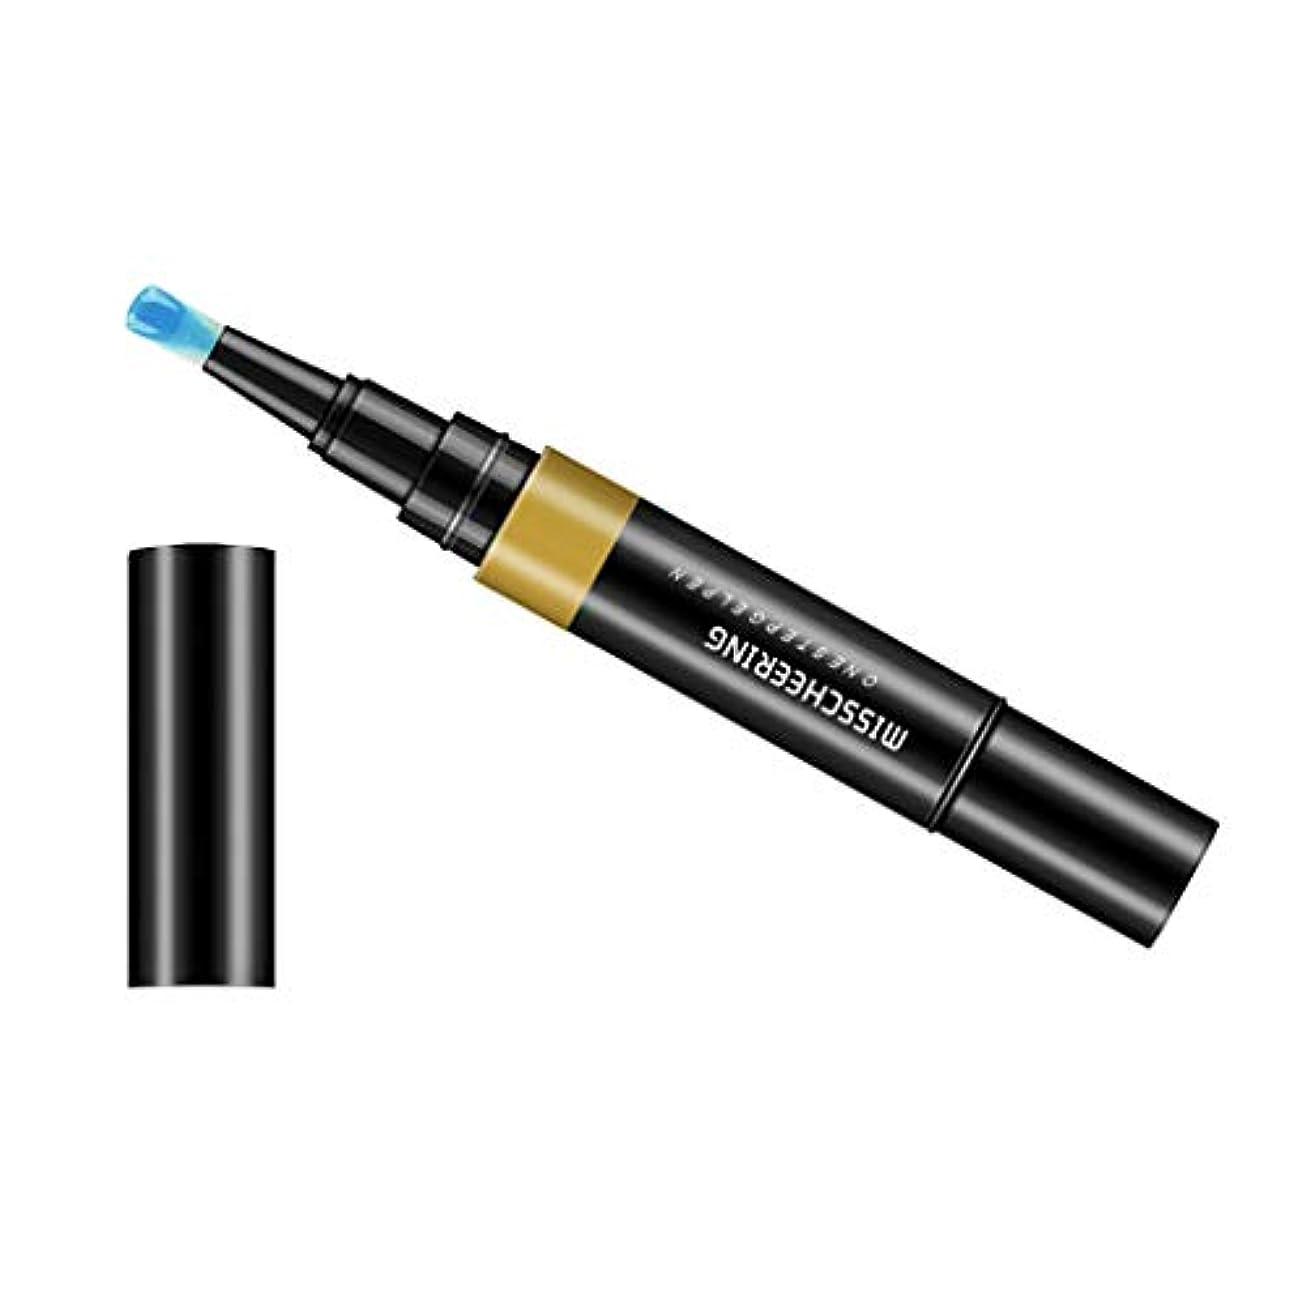 冷凍庫付録メッセージネイルアートペン マニキュアペン セルフネイル 3 in 1 カラージェル ネイルデザイン ジェルネイル - ブルー